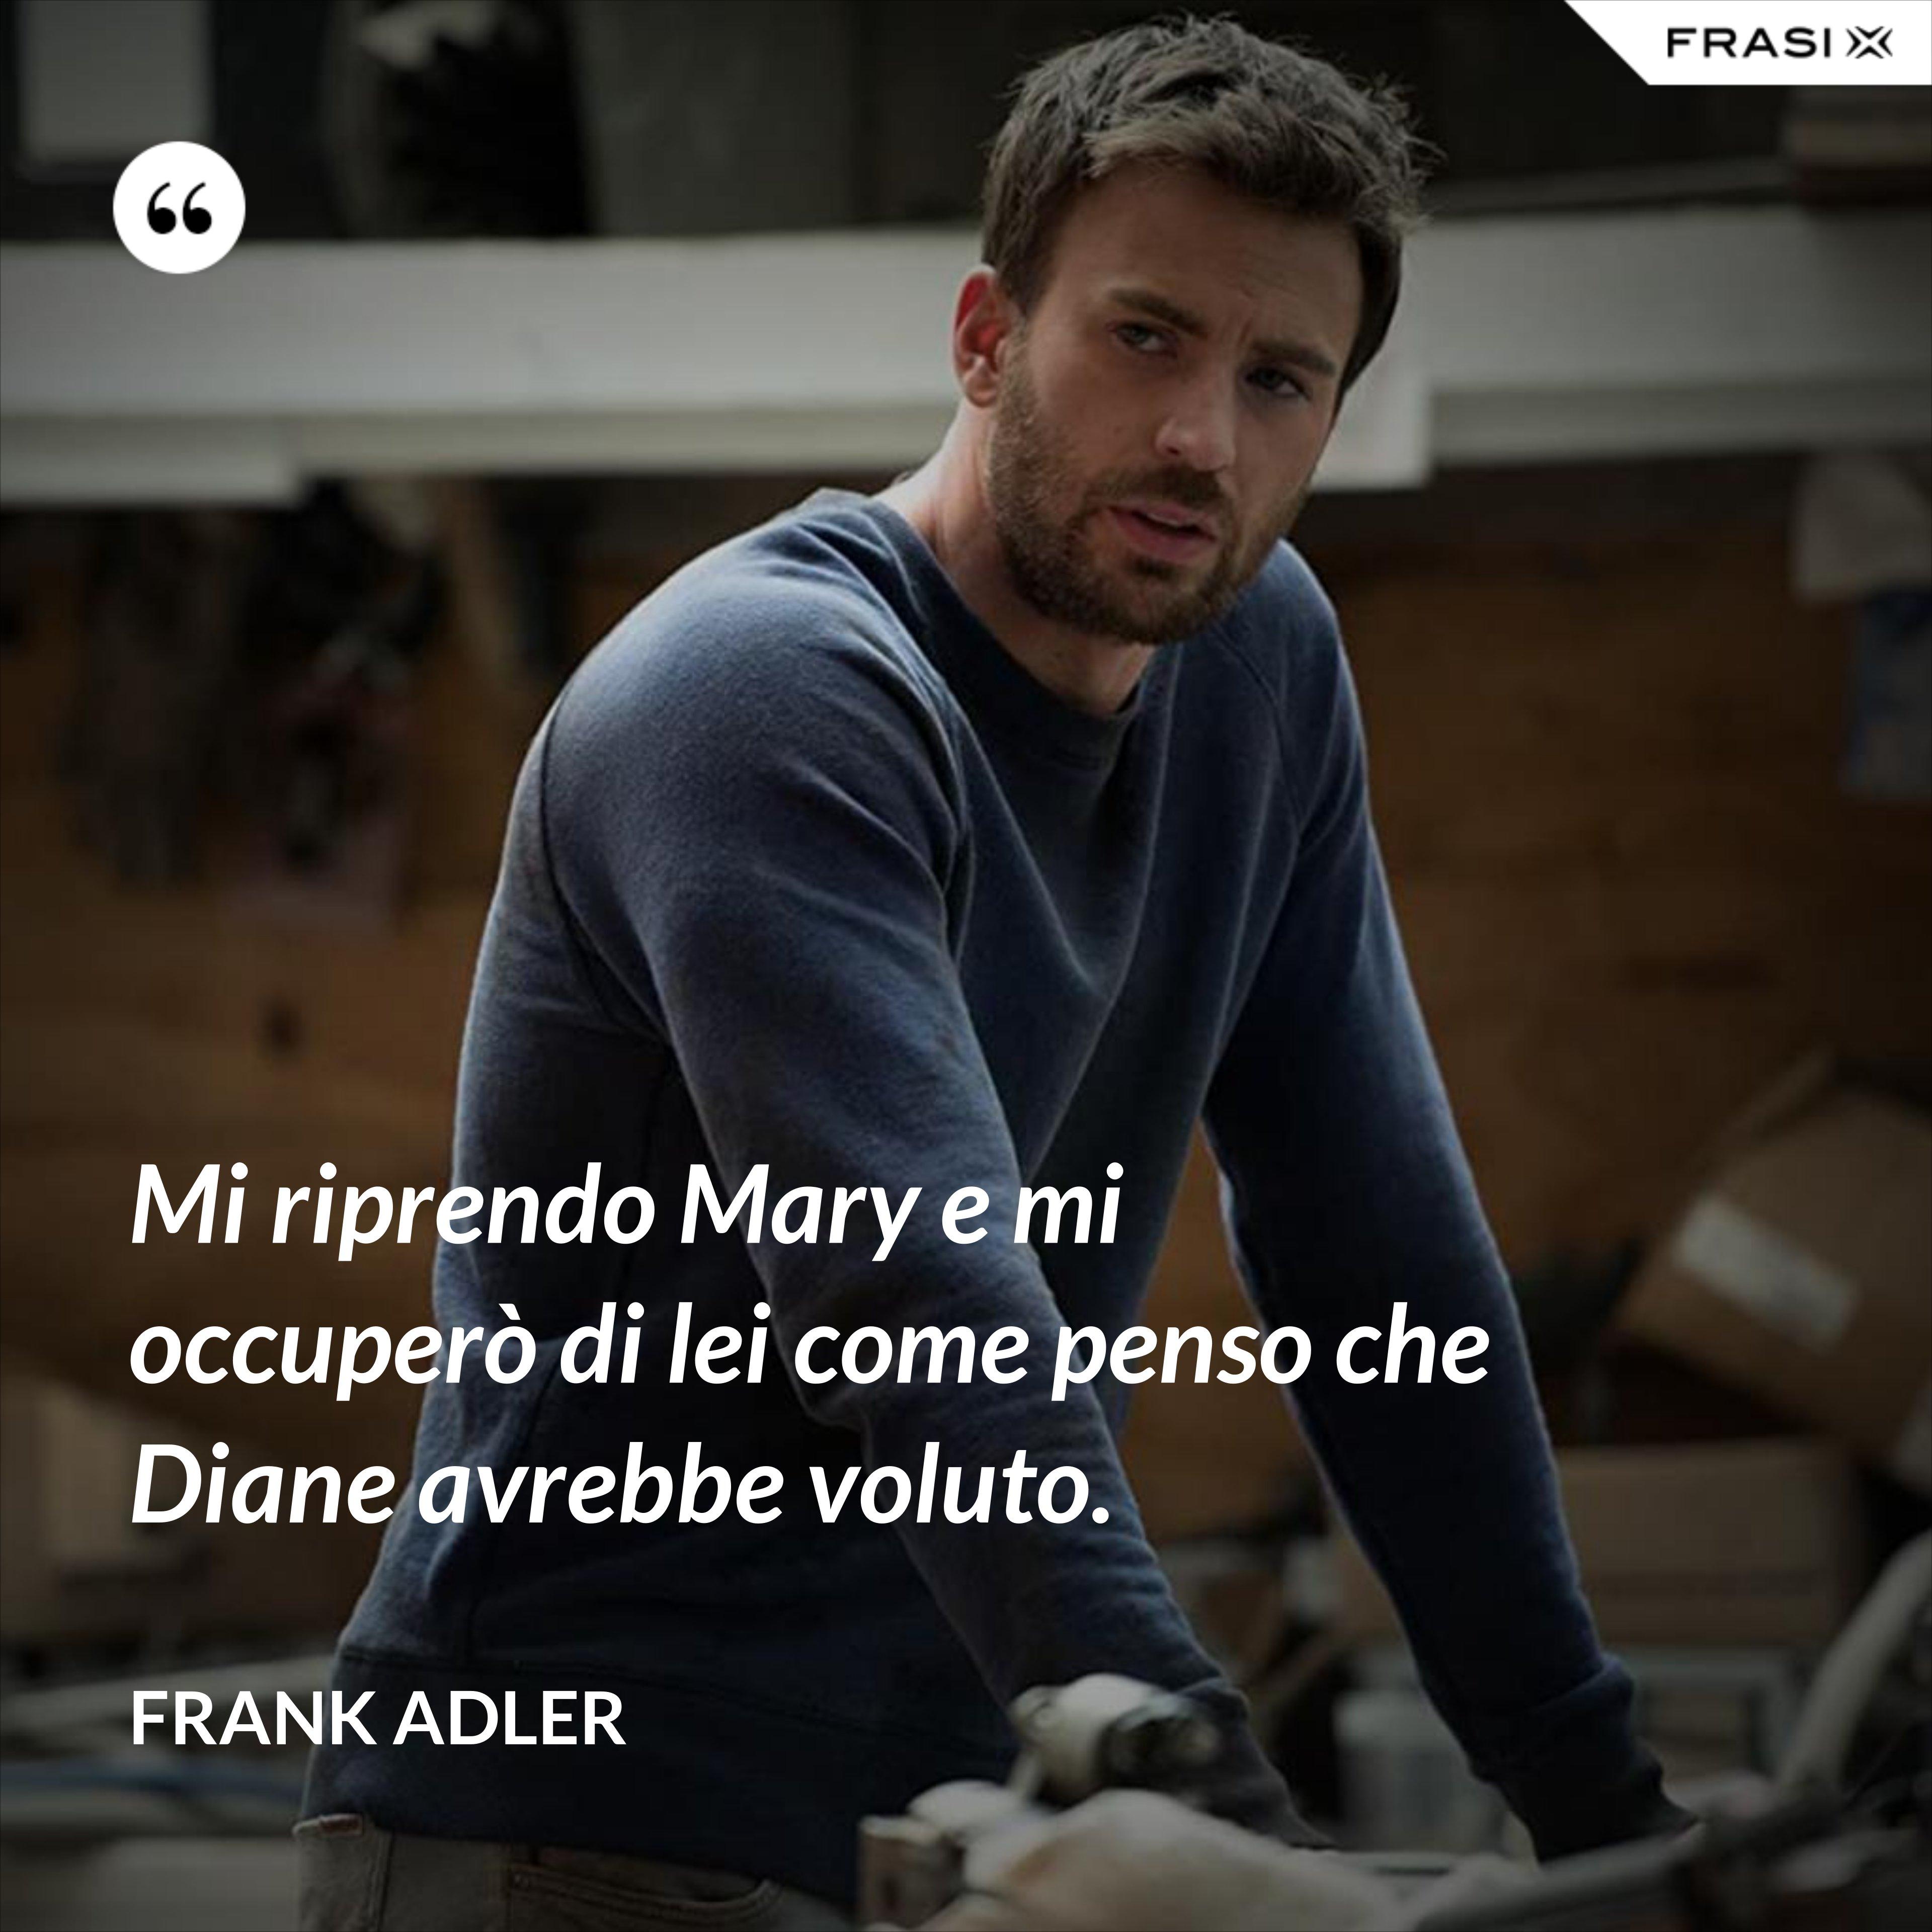 Mi riprendo Mary e mi occuperò di lei come penso che Diane avrebbe voluto. - Frank Adler